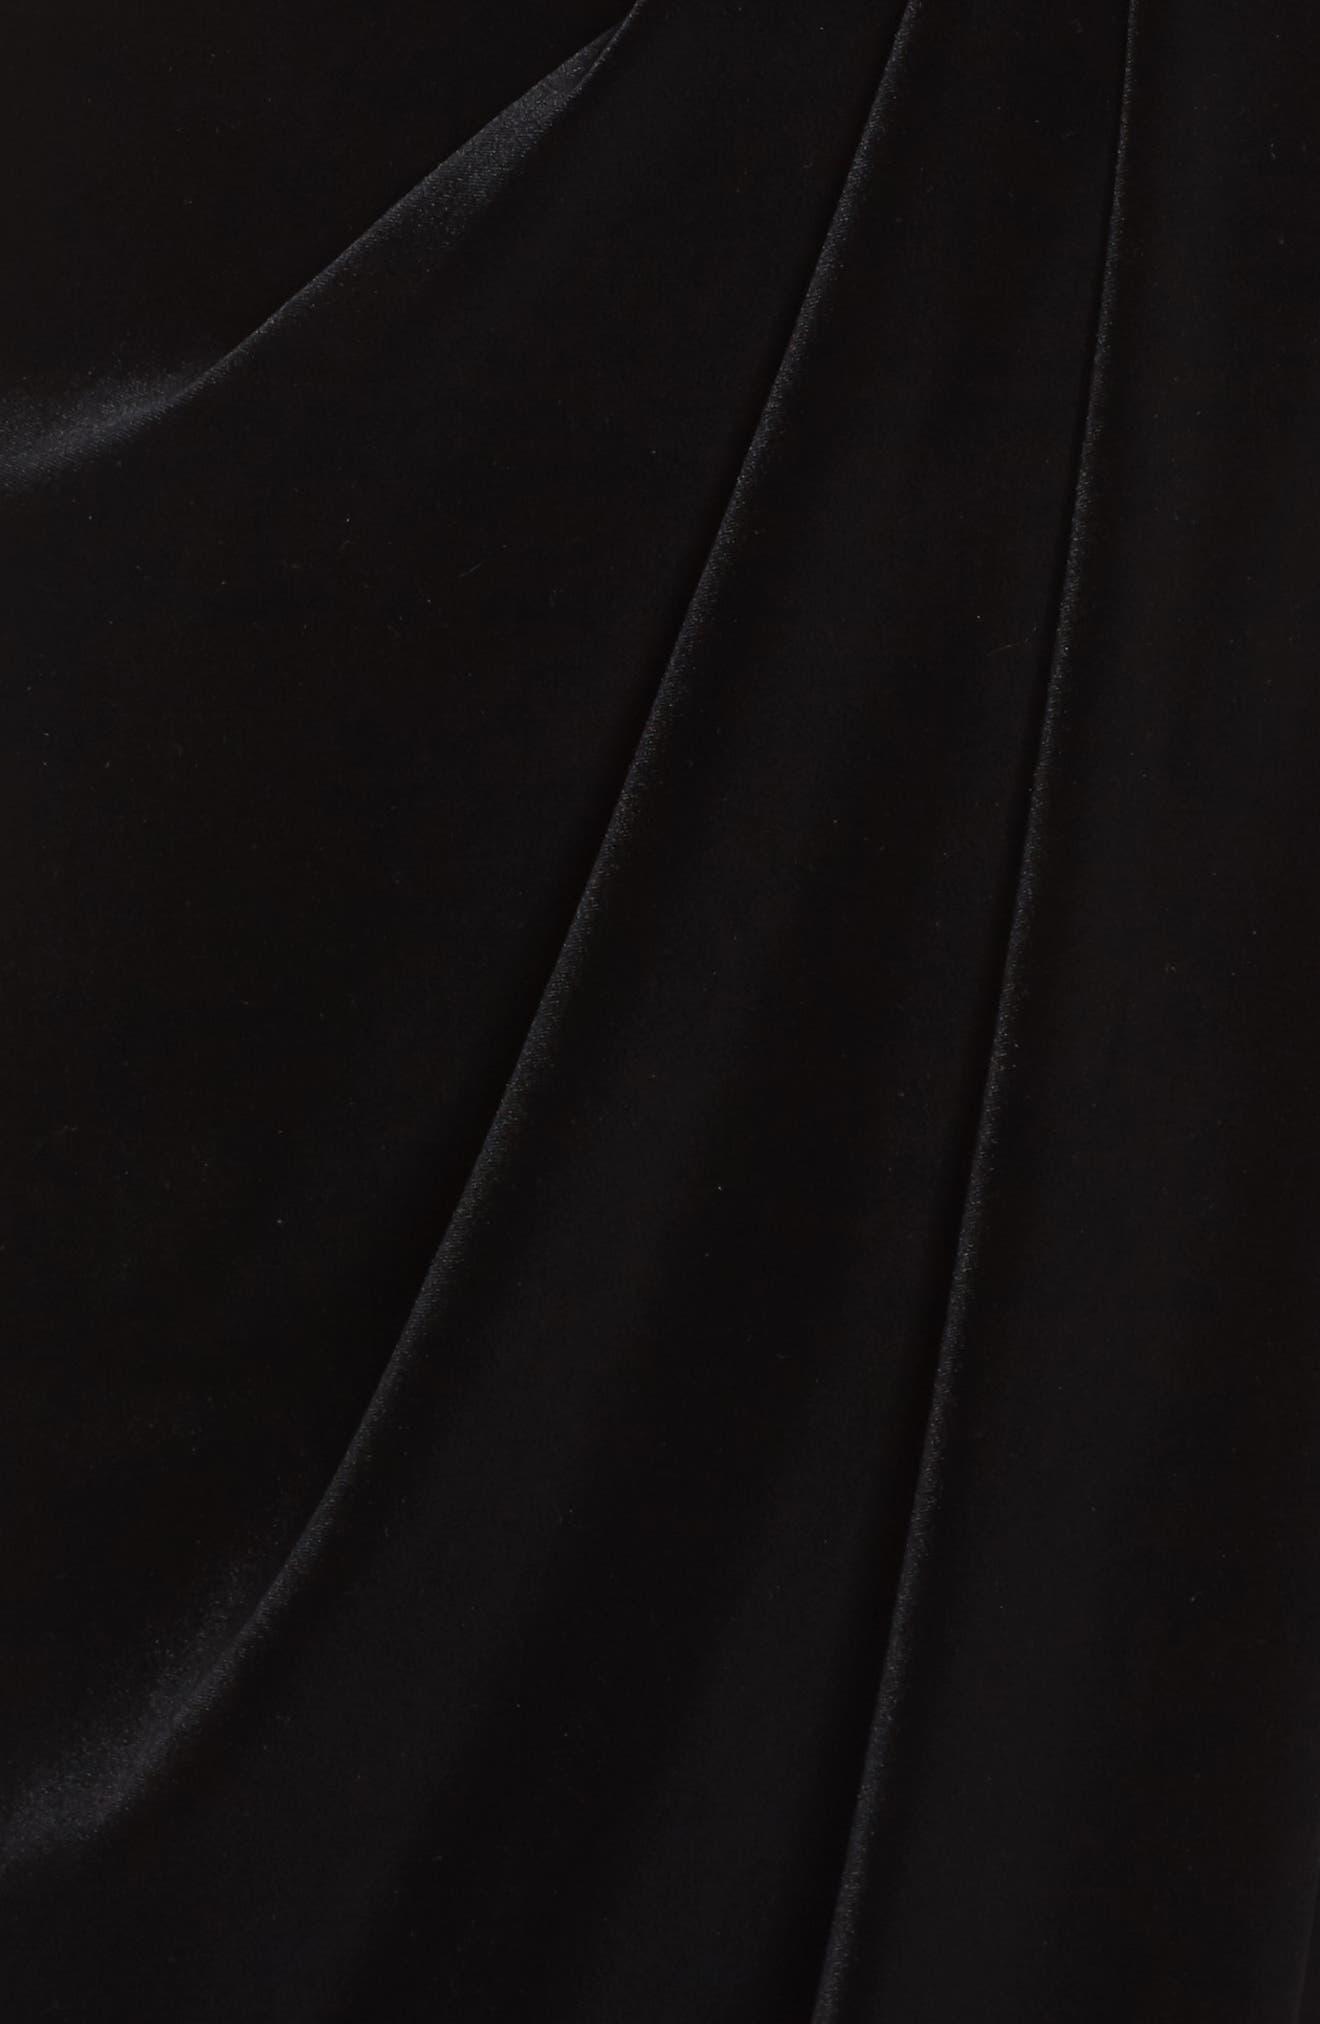 Velvet Choker Neck Wrap Dress,                             Alternate thumbnail 5, color,                             Black